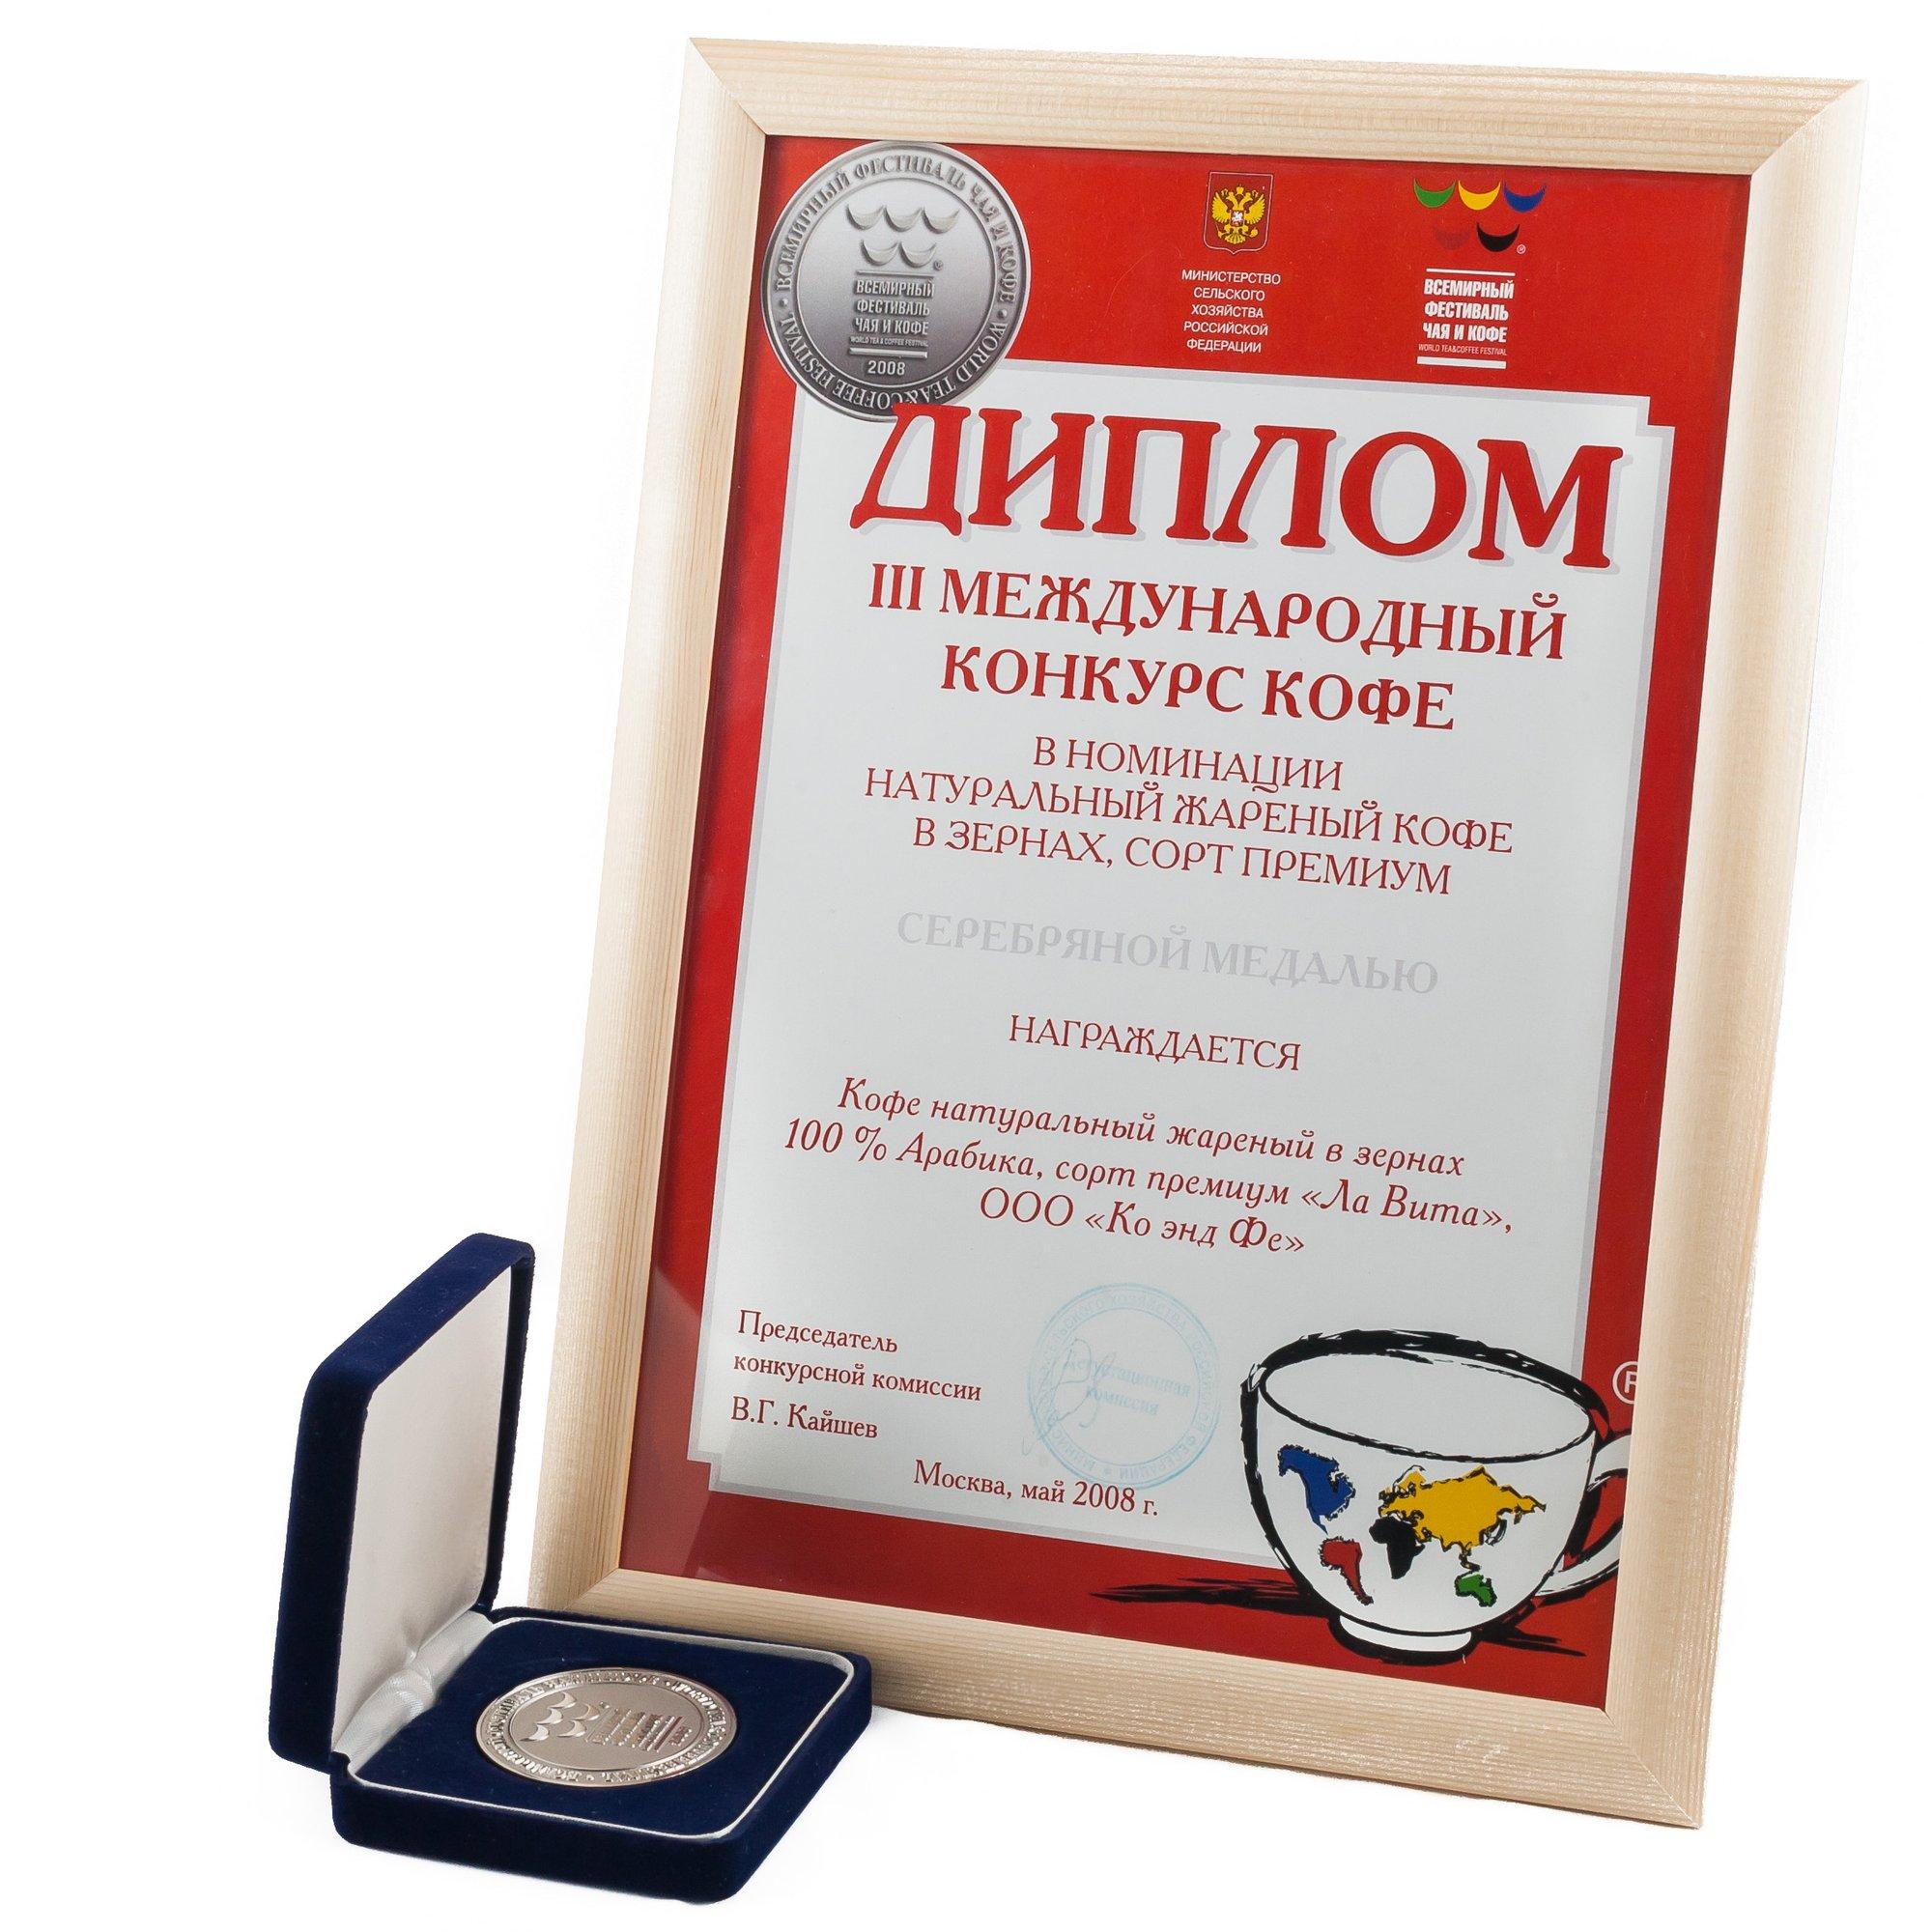 2008-vsemirnyi-festival-chaja-i-kofe-serebro.jpg